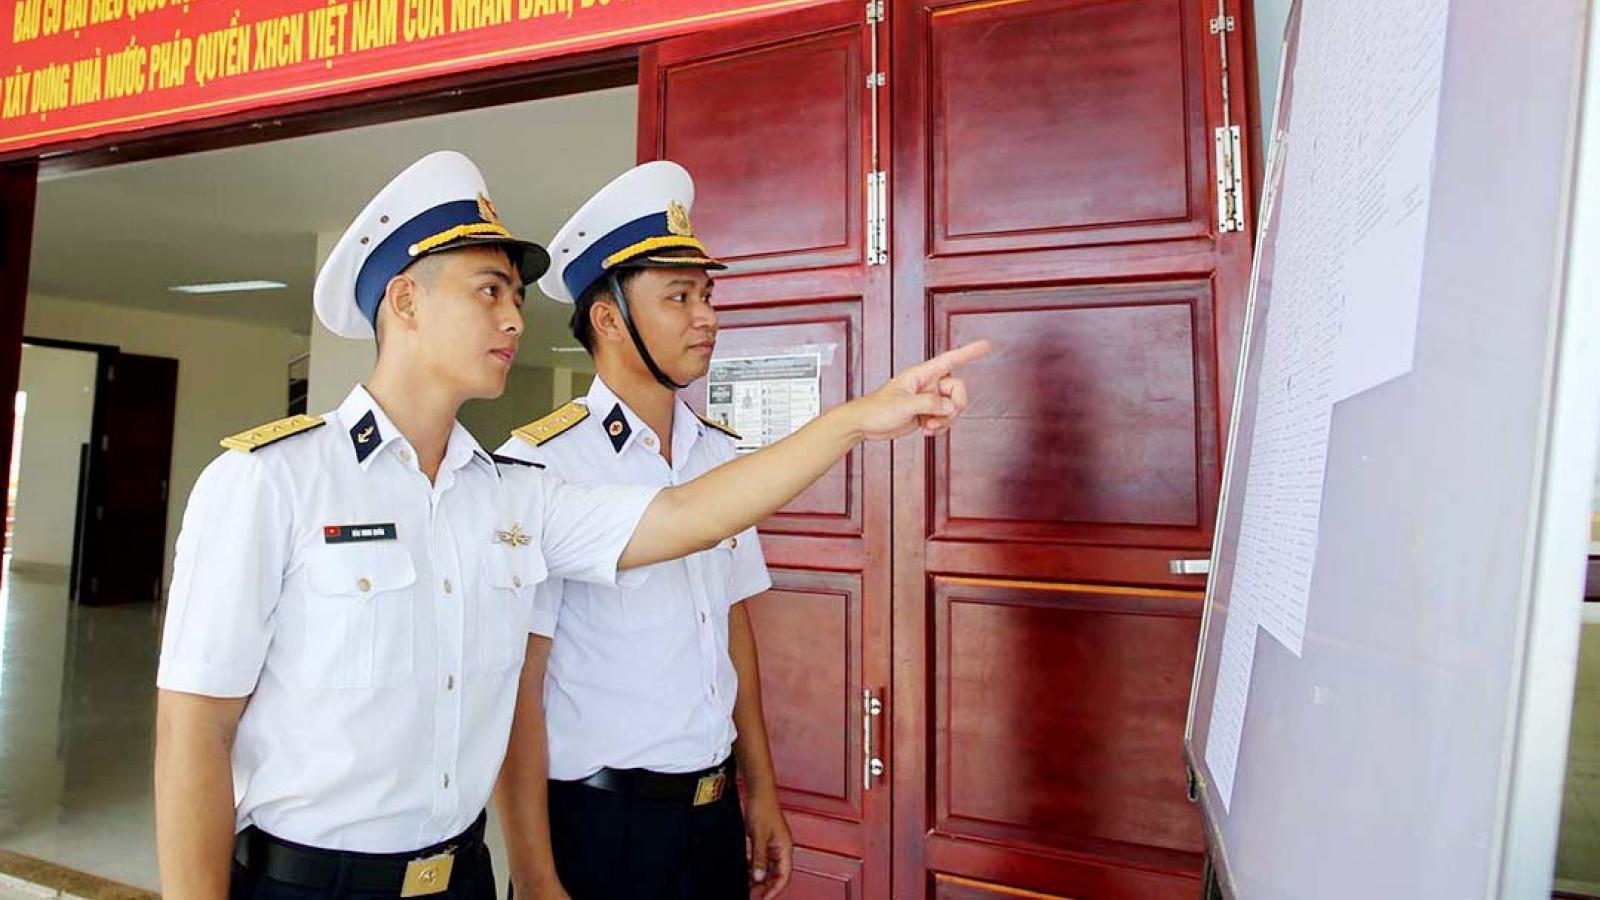 Quân, dân Trường Sa sẵn sàng cho ngày bầu cử